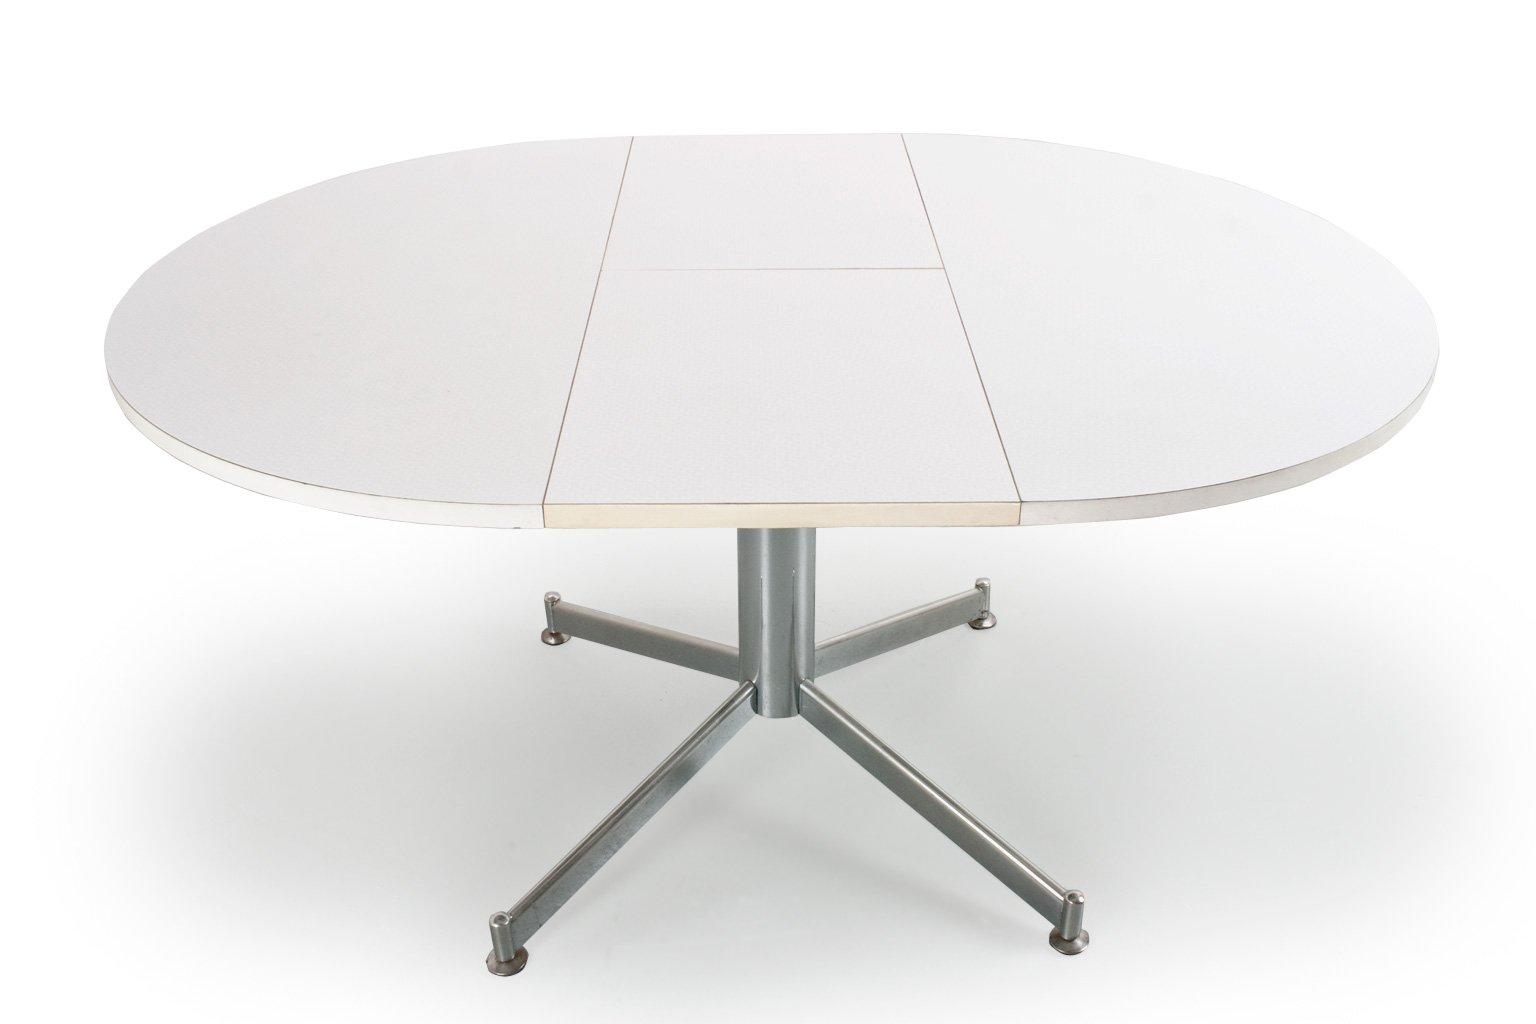 Tavolo da pranzo rotondo vintage allungabile in metallo e - Tavolo da pranzo rotondo allungabile ...